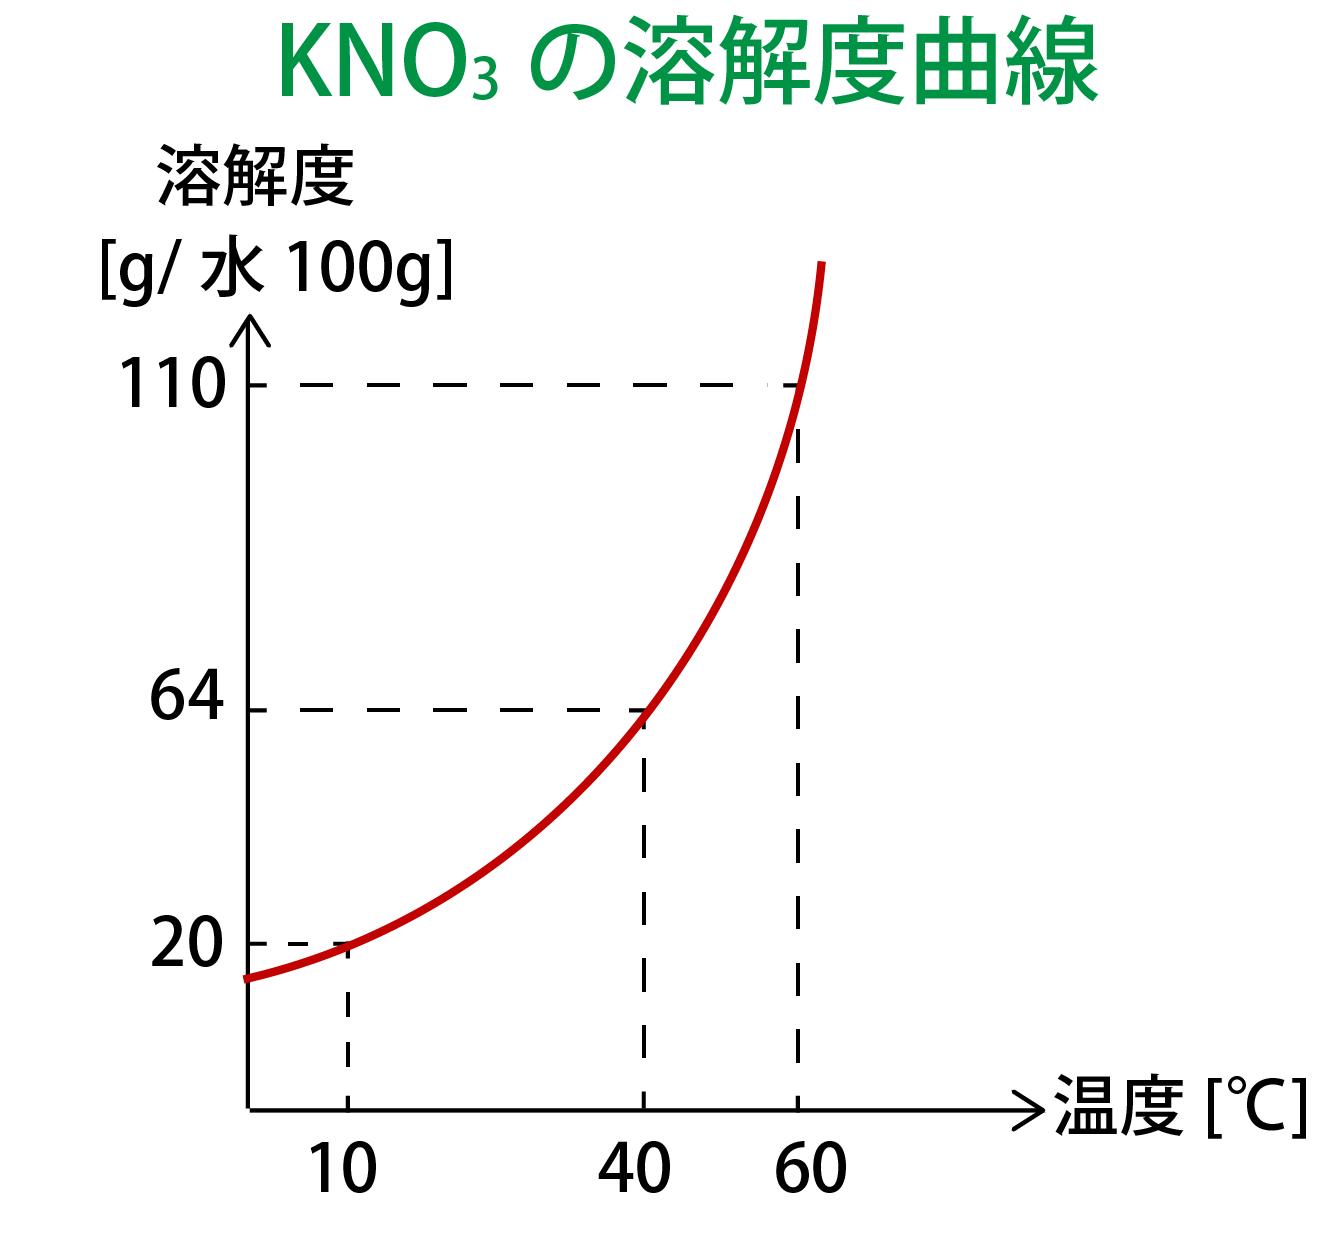 硝酸カリウムKNO3の溶解度曲線